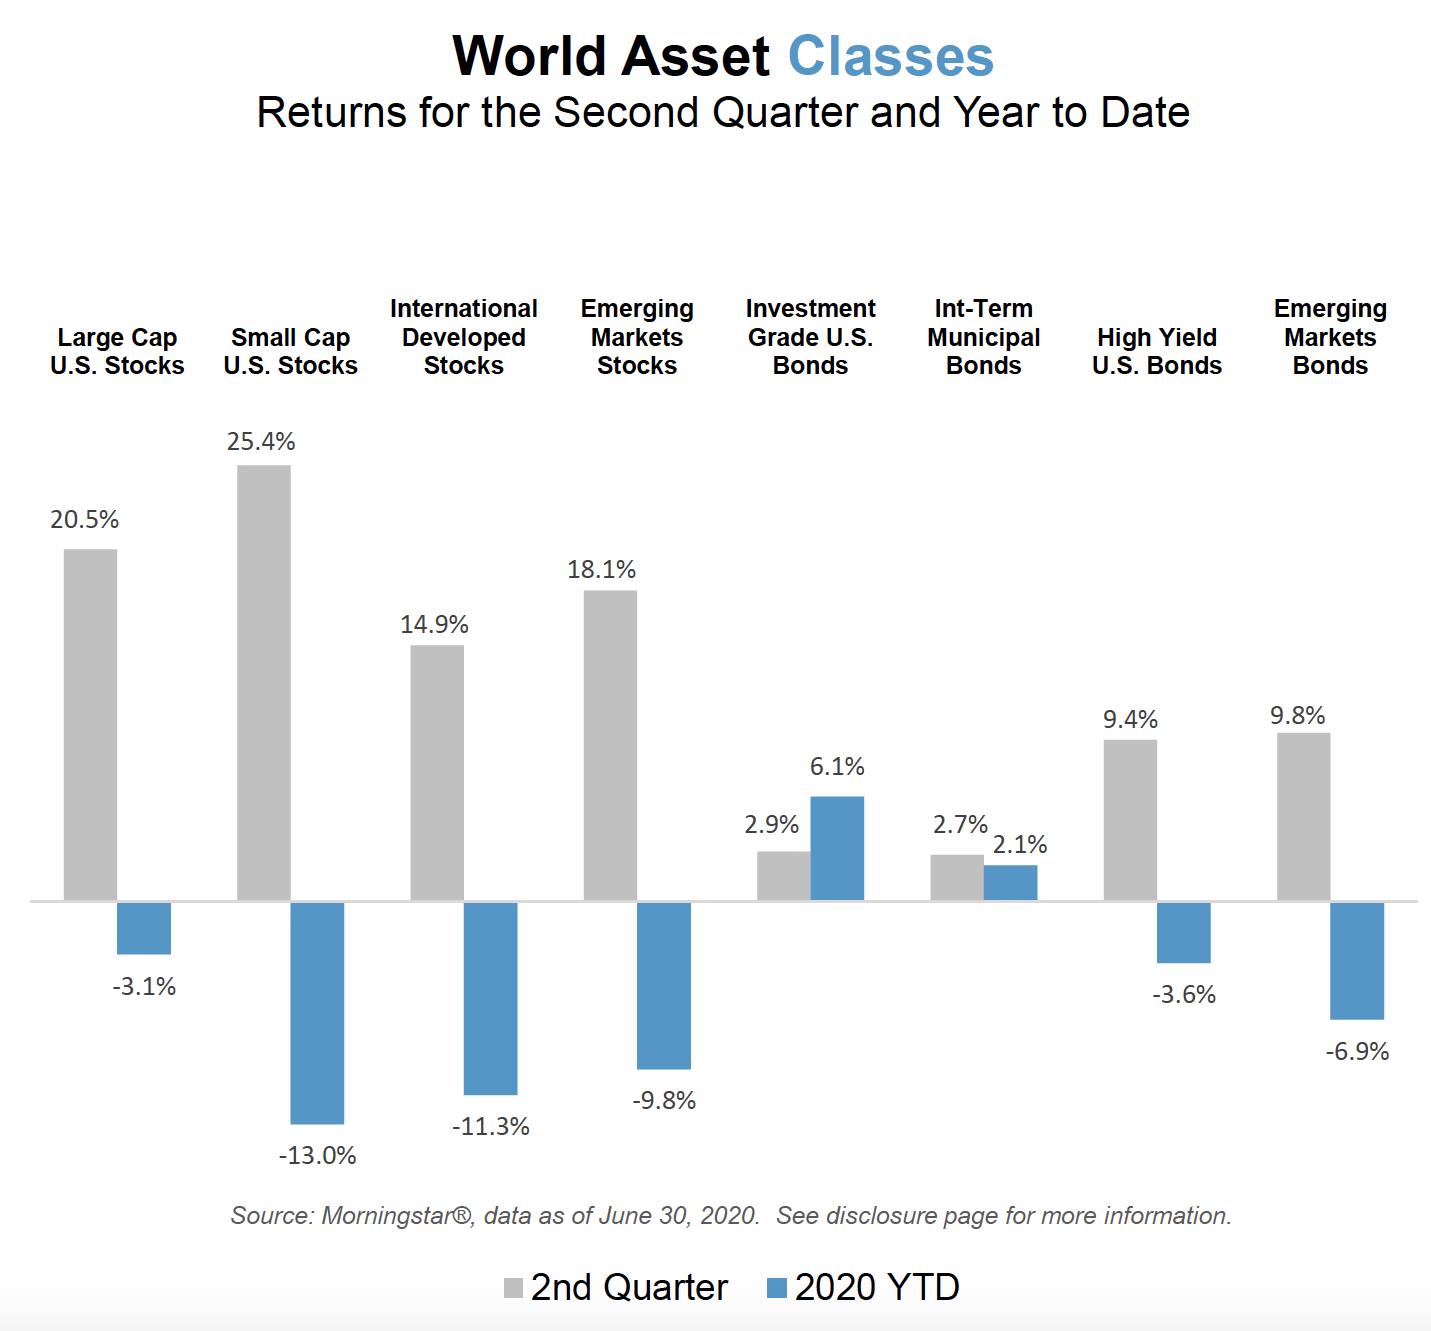 World Asset Classes Q2 2020